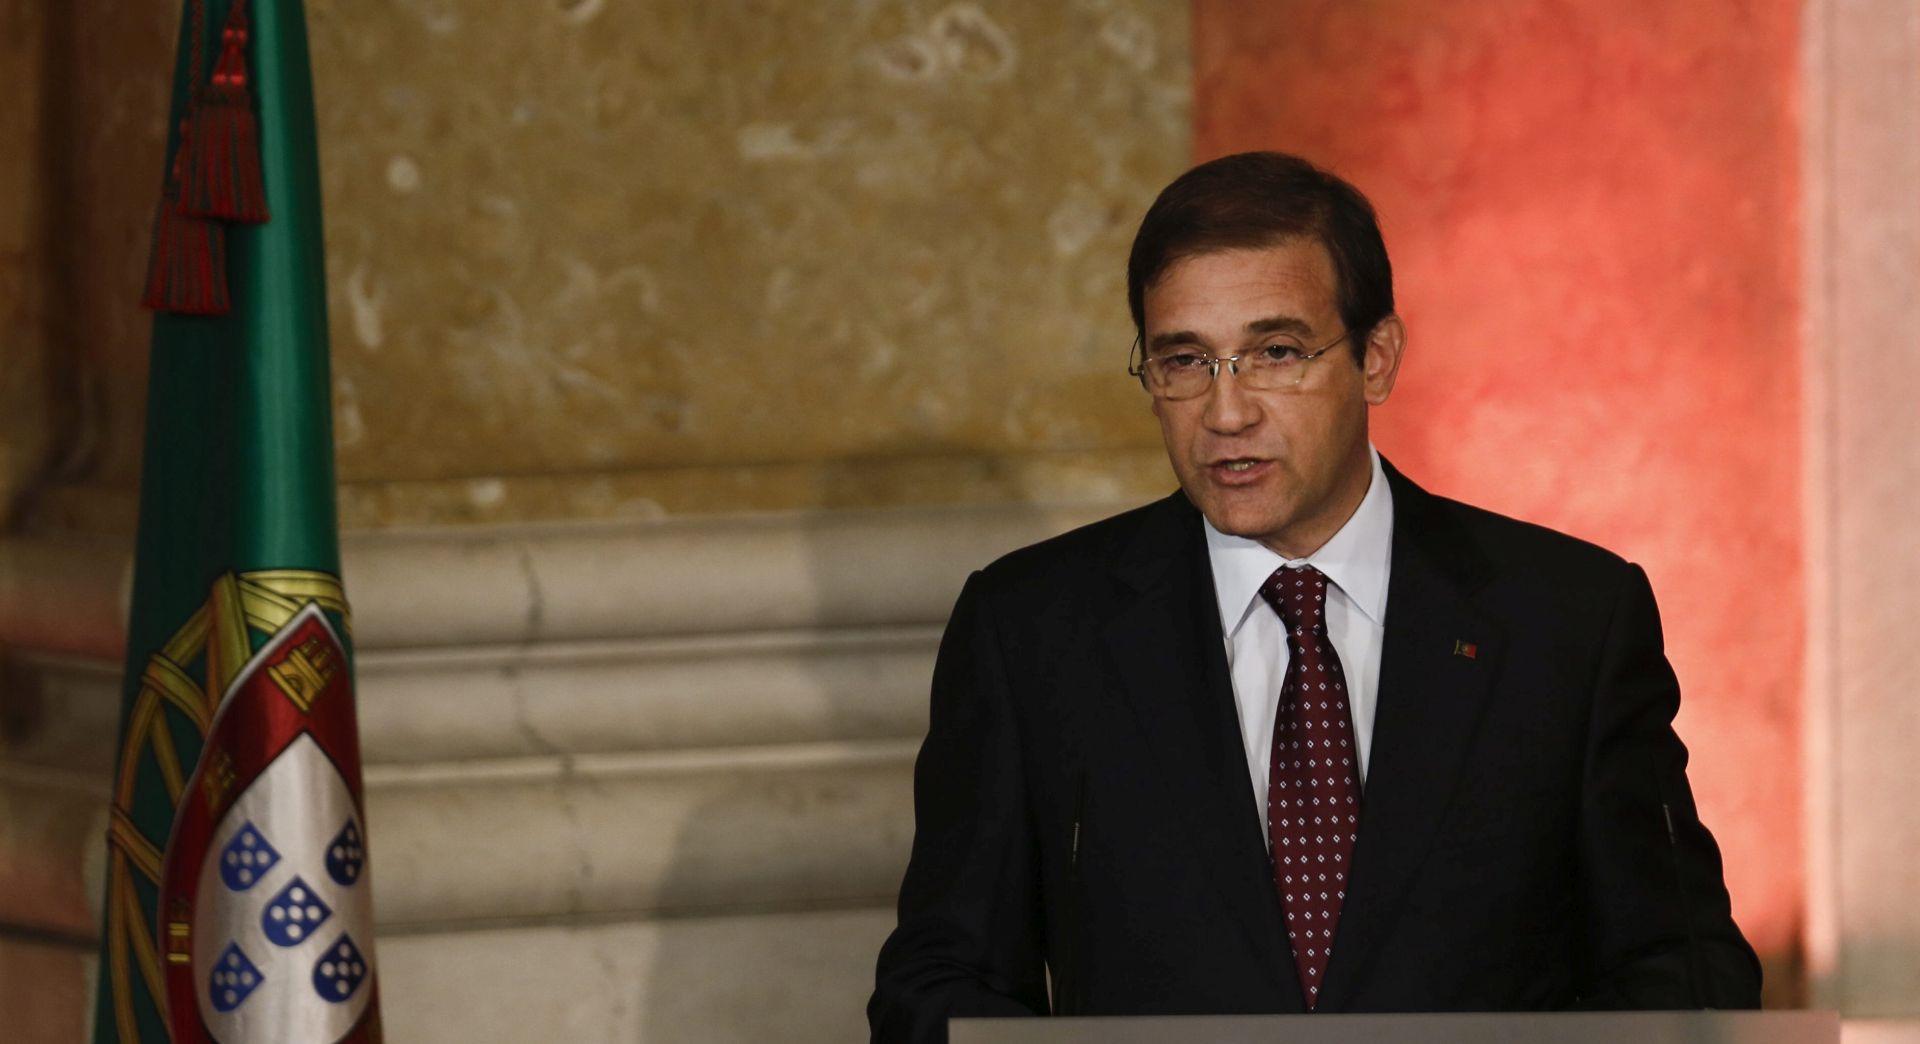 IZGLASANO NEPOVJERENJE: Ljevica srušila portugalsku vladu desnog centra